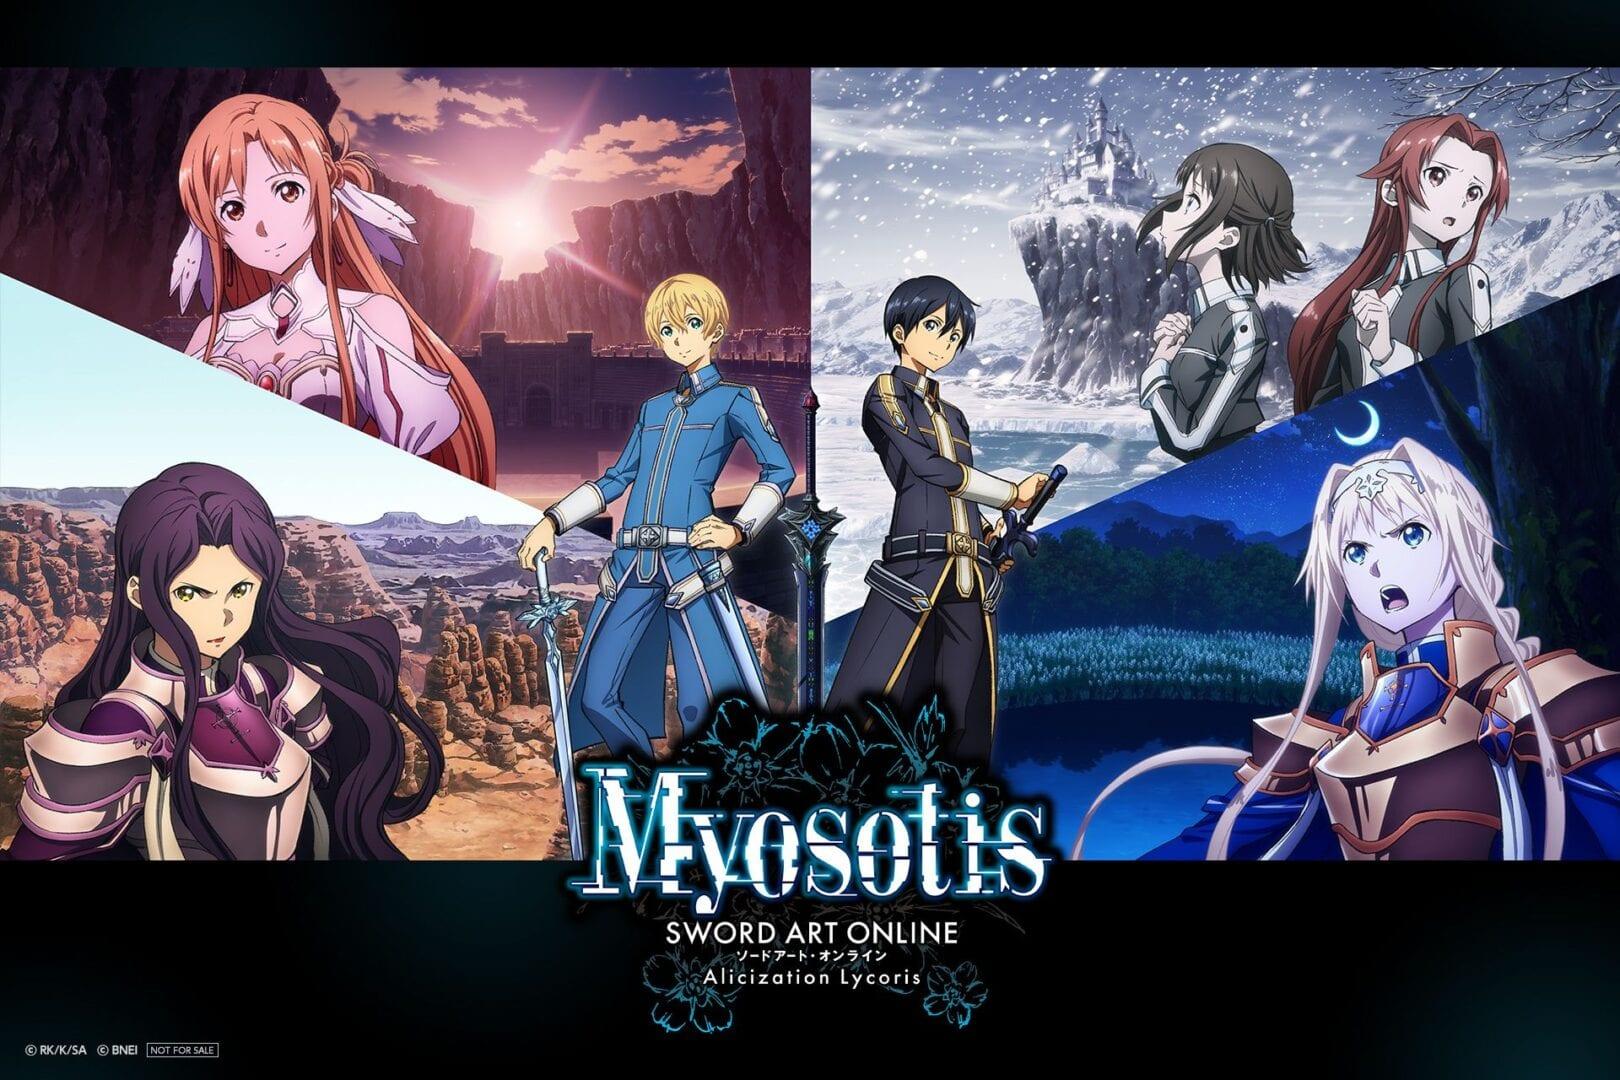 Sword Art Online: Alicization Lycoris представляет новый DLC Mysotis